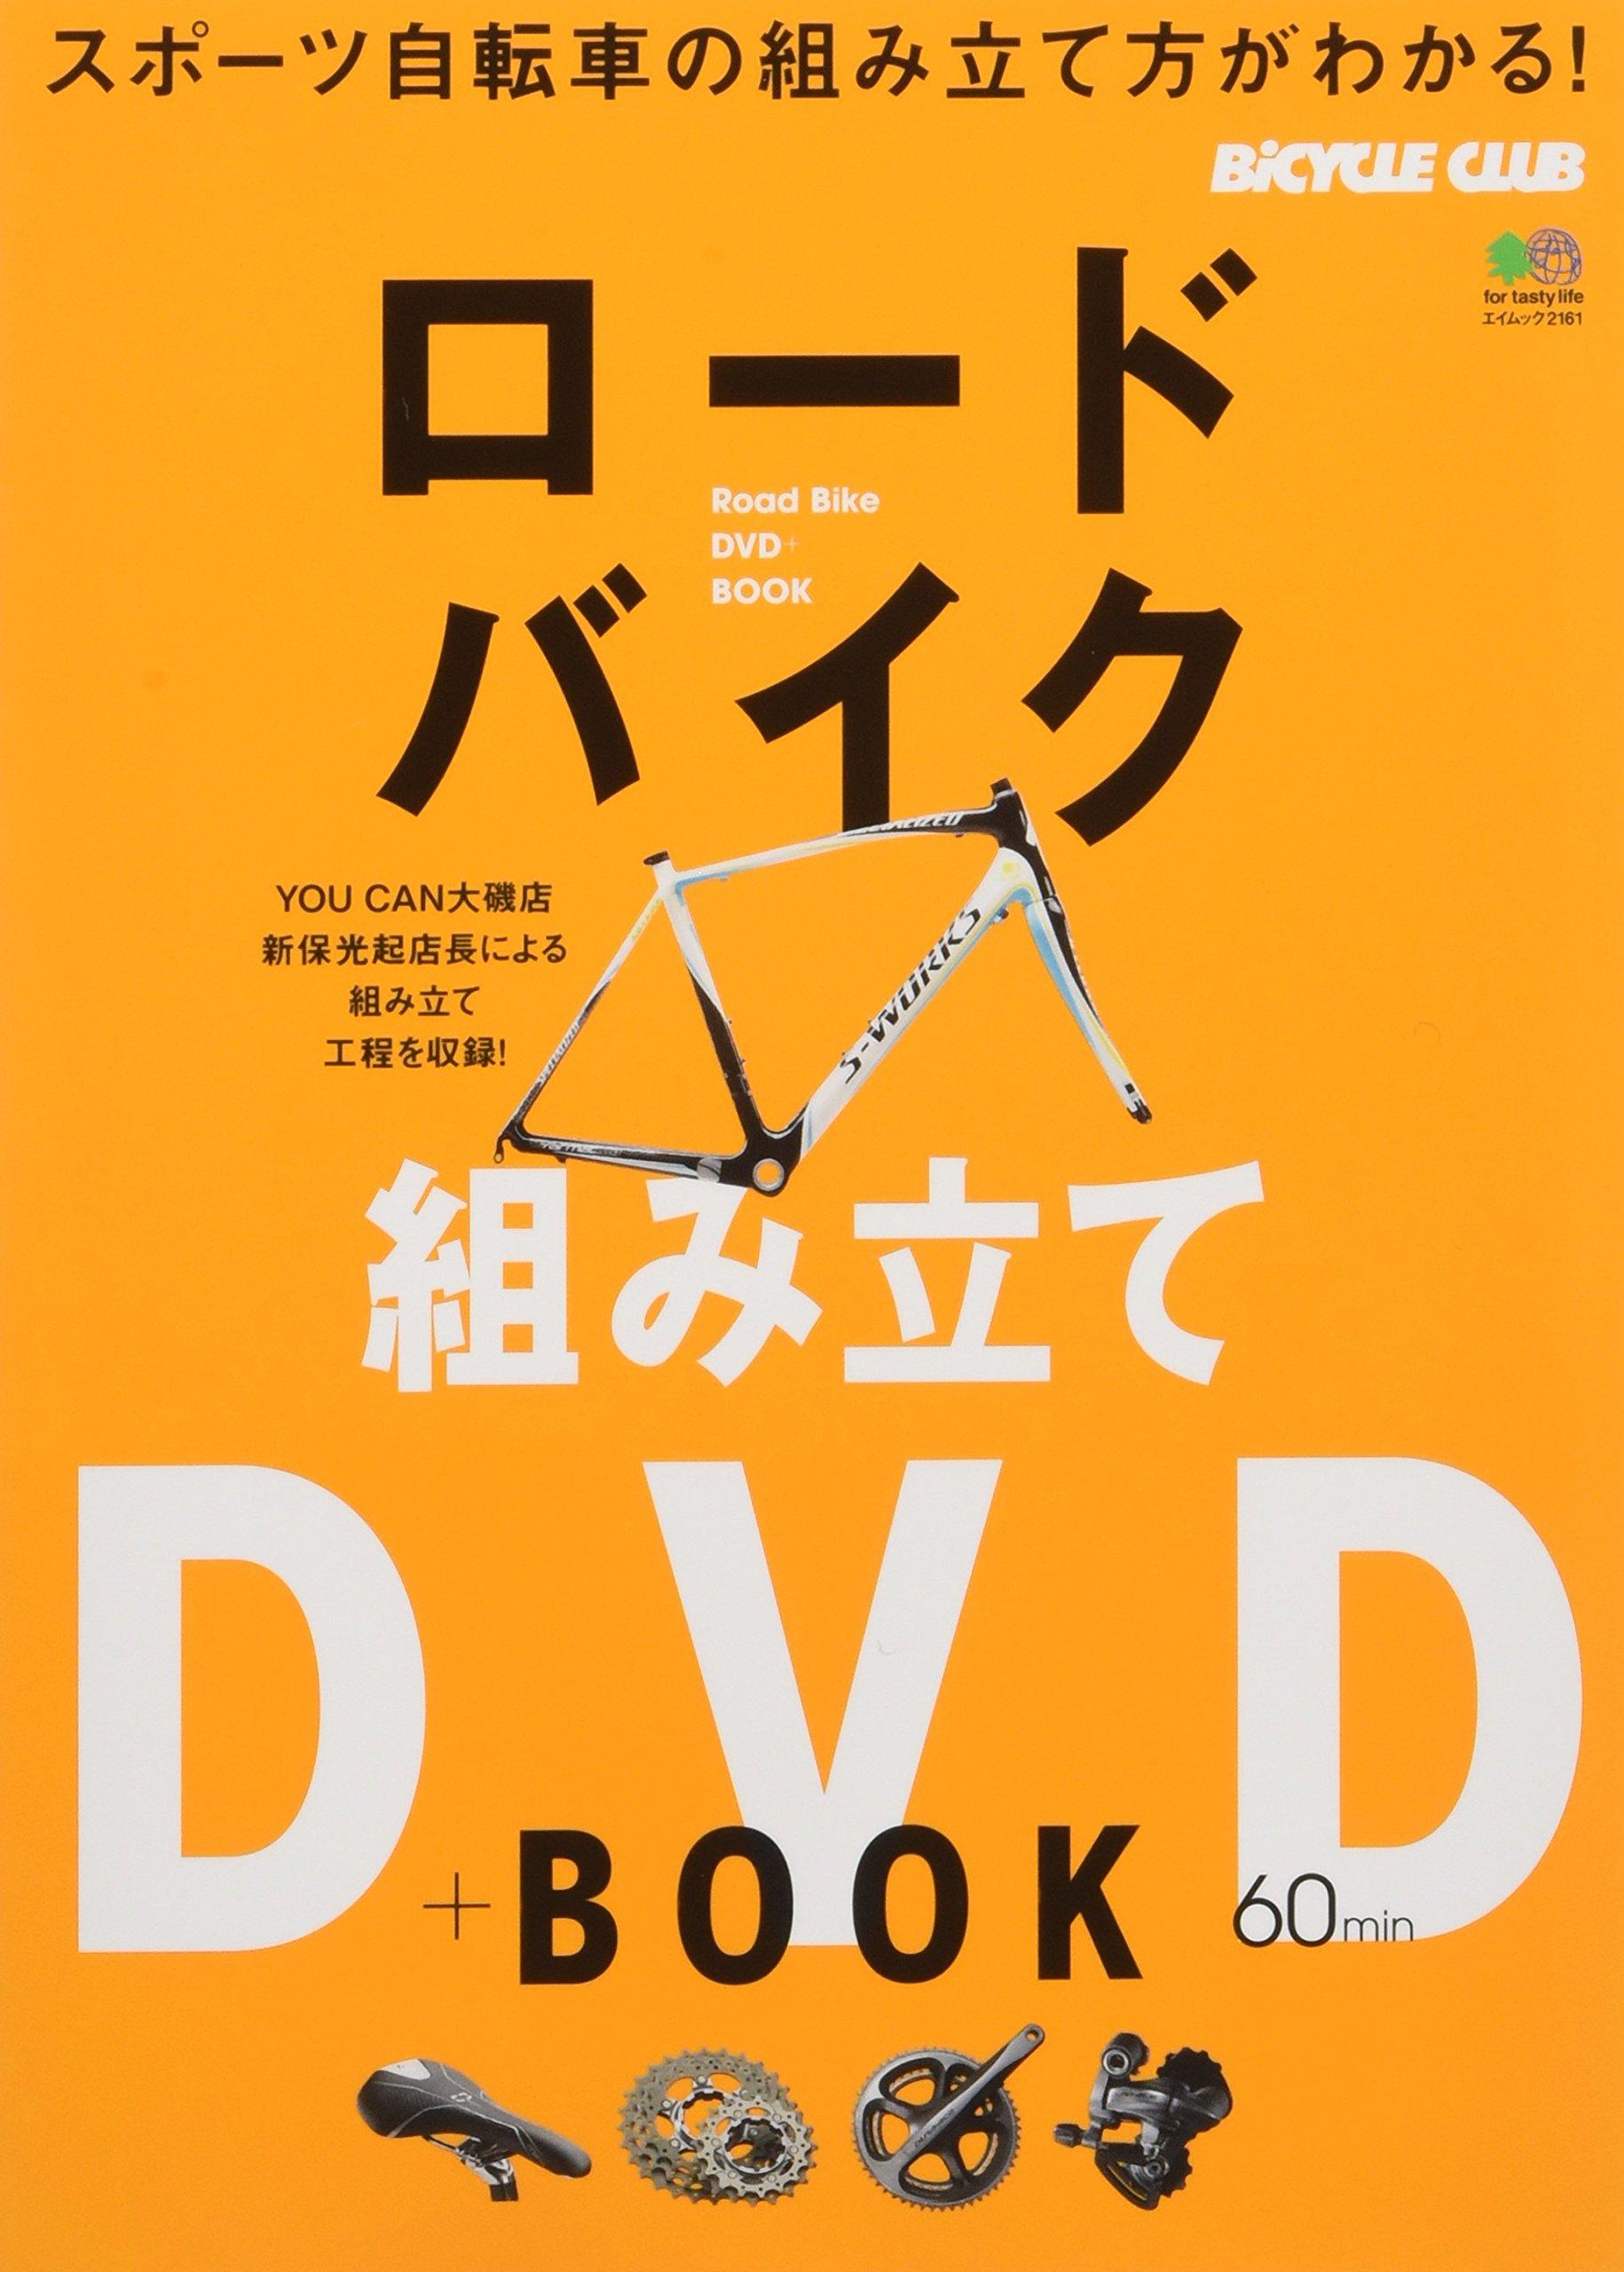 『ロードバイク組み立てDVD+BOOK』(エイ出版社)